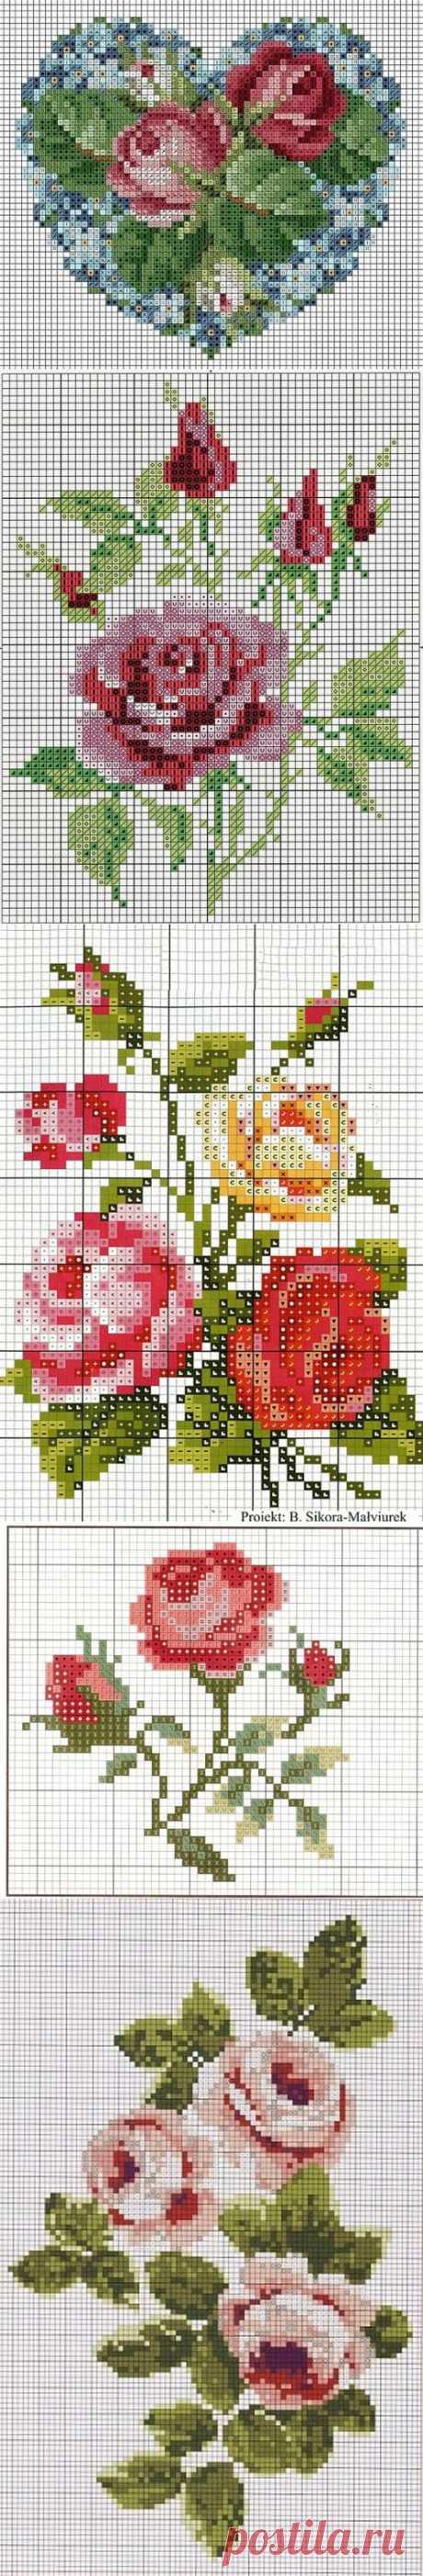 Розы - 12 схем для вышивания крестом.